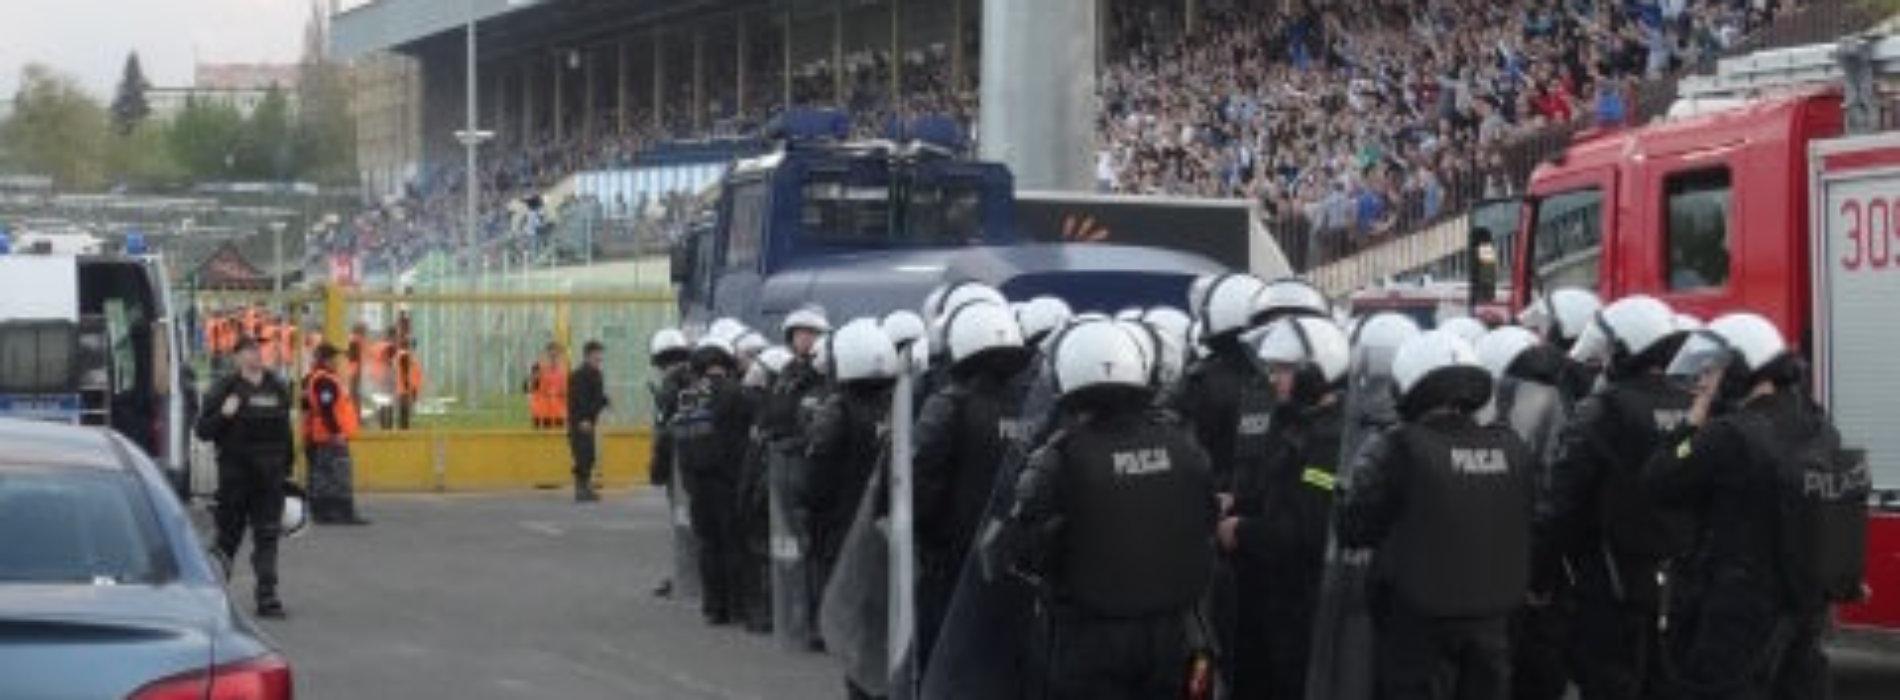 POLICYJNE ZABEZPIECZENIE MECZU STOMIL OLSZTYN Z GÓRNIKIEM ZABRZE